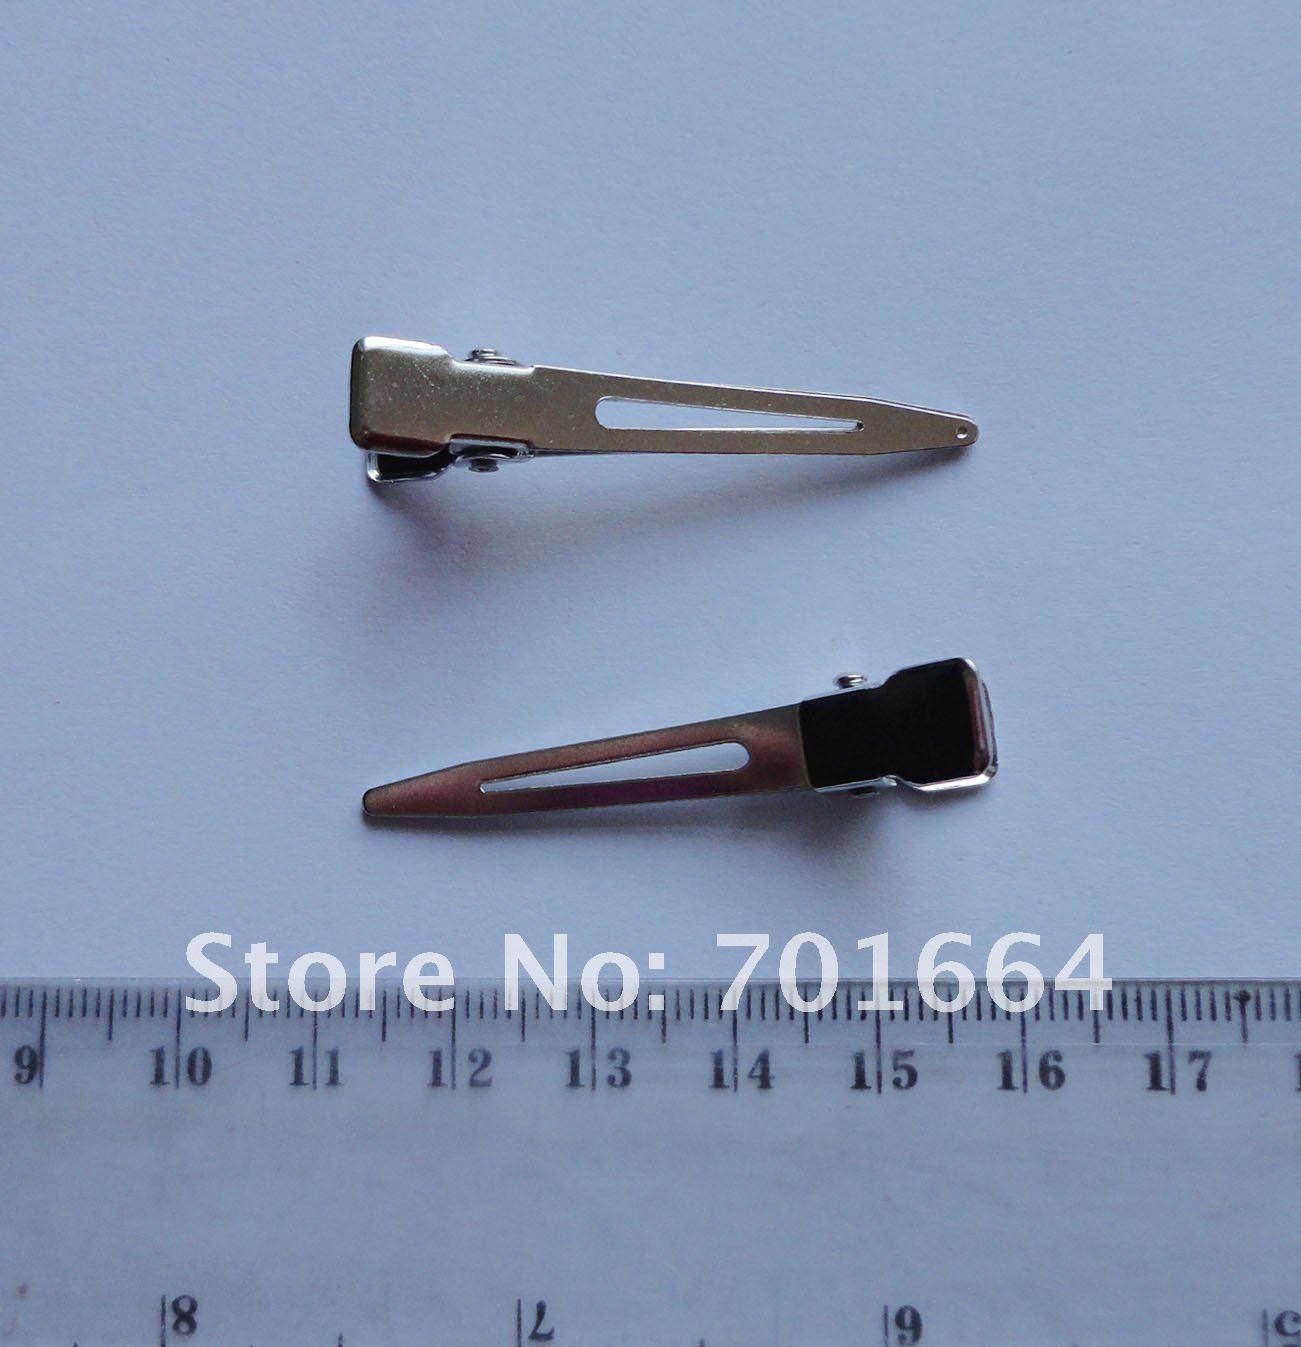 50 шт серебро 4,5 см простой одинарный зубец без зубов металлические зажимы аллигатора клипсы Утконос заколки для волос без свинца и никеля